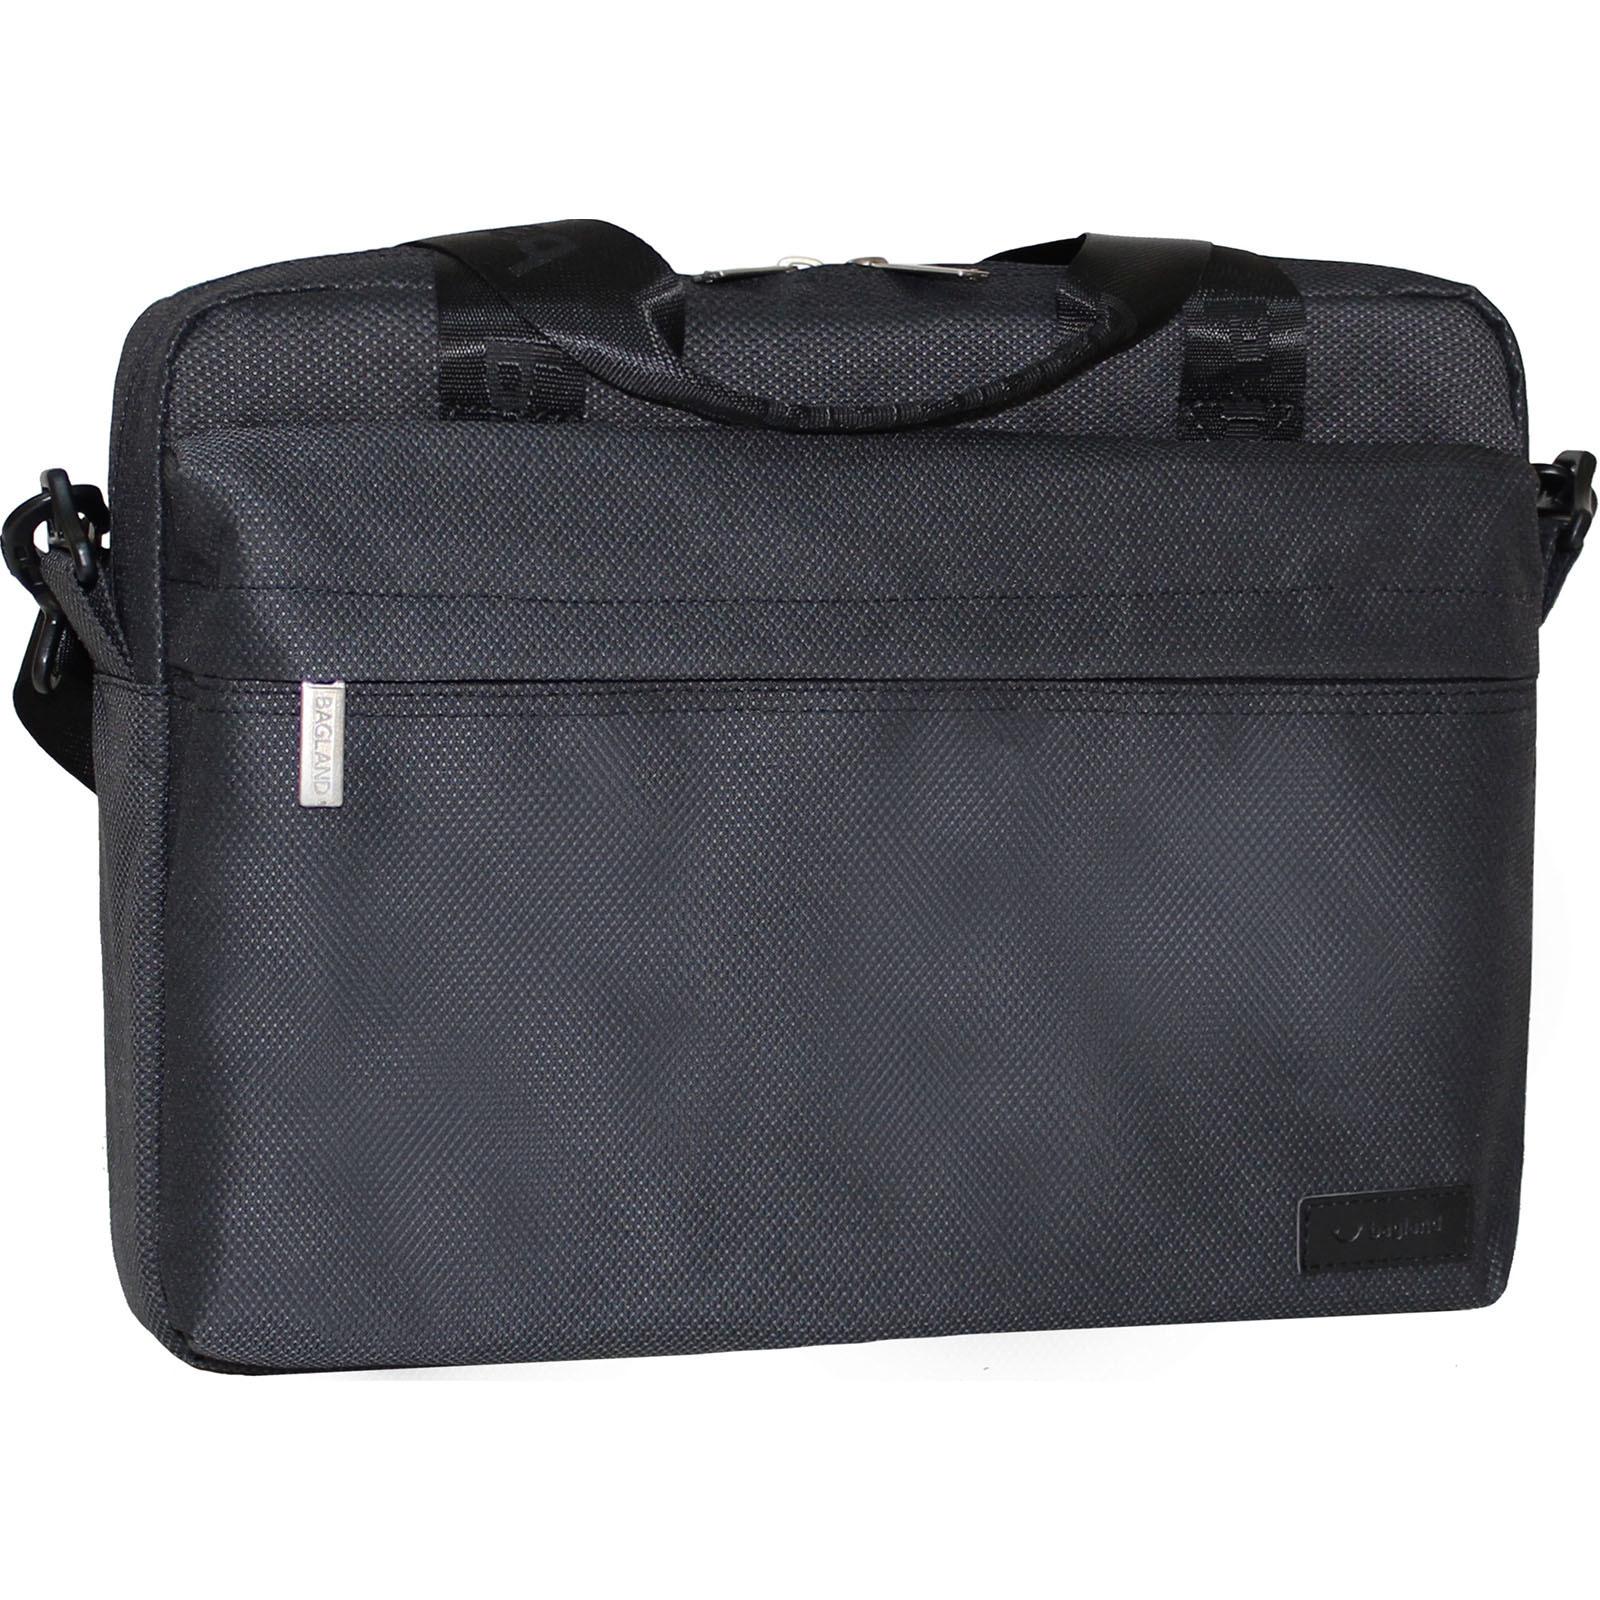 Сумки для ноутбука Сумка под ноутбук Bagland Salivan 8 л. Черный (00403169) IMG_1903.JPG